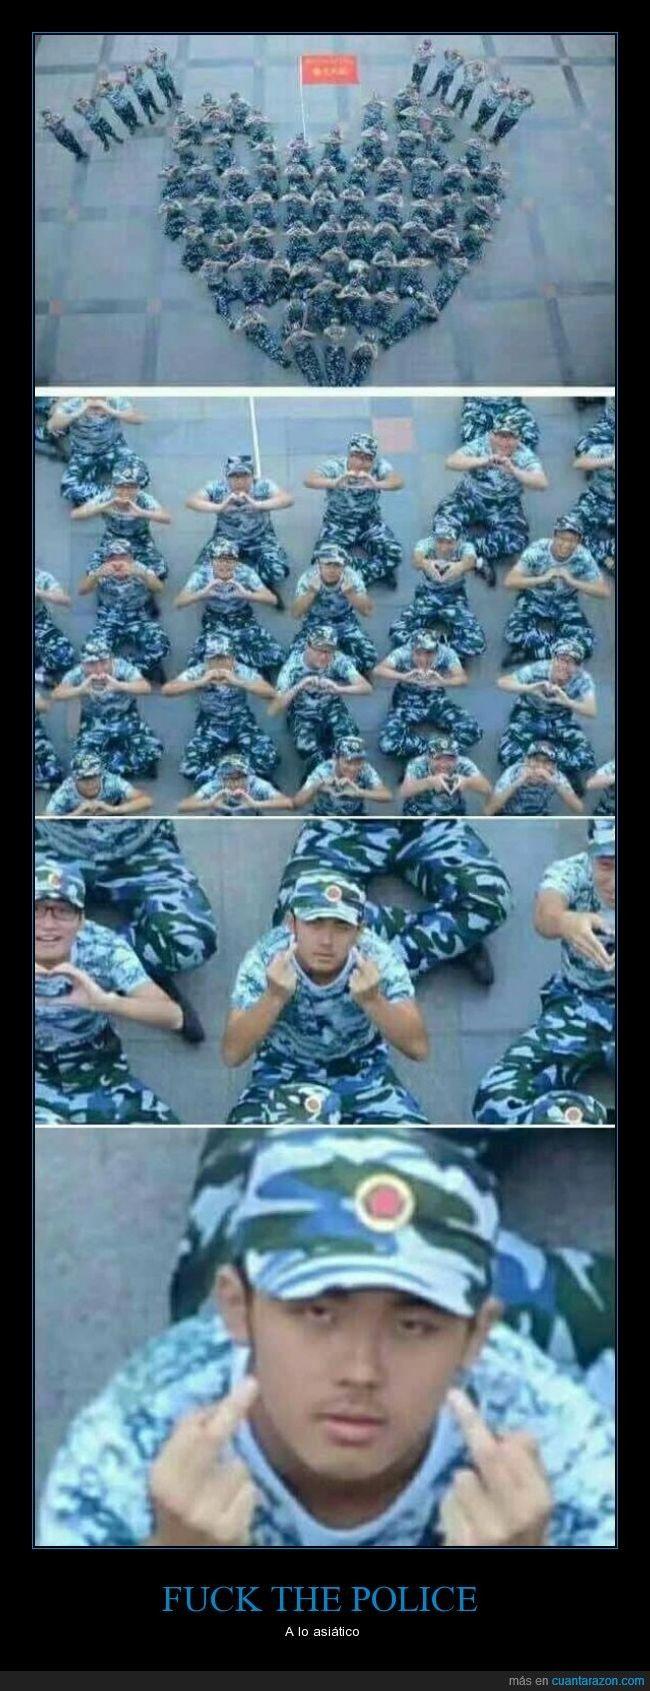 FU*K THE POLICE - A lo asiático   Gracias a http://www.cuantarazon.com/   Si quieres leer la noticia completa visita: http://www.estoy-aburrido.com/fuk-the-police-a-lo-asiatico/